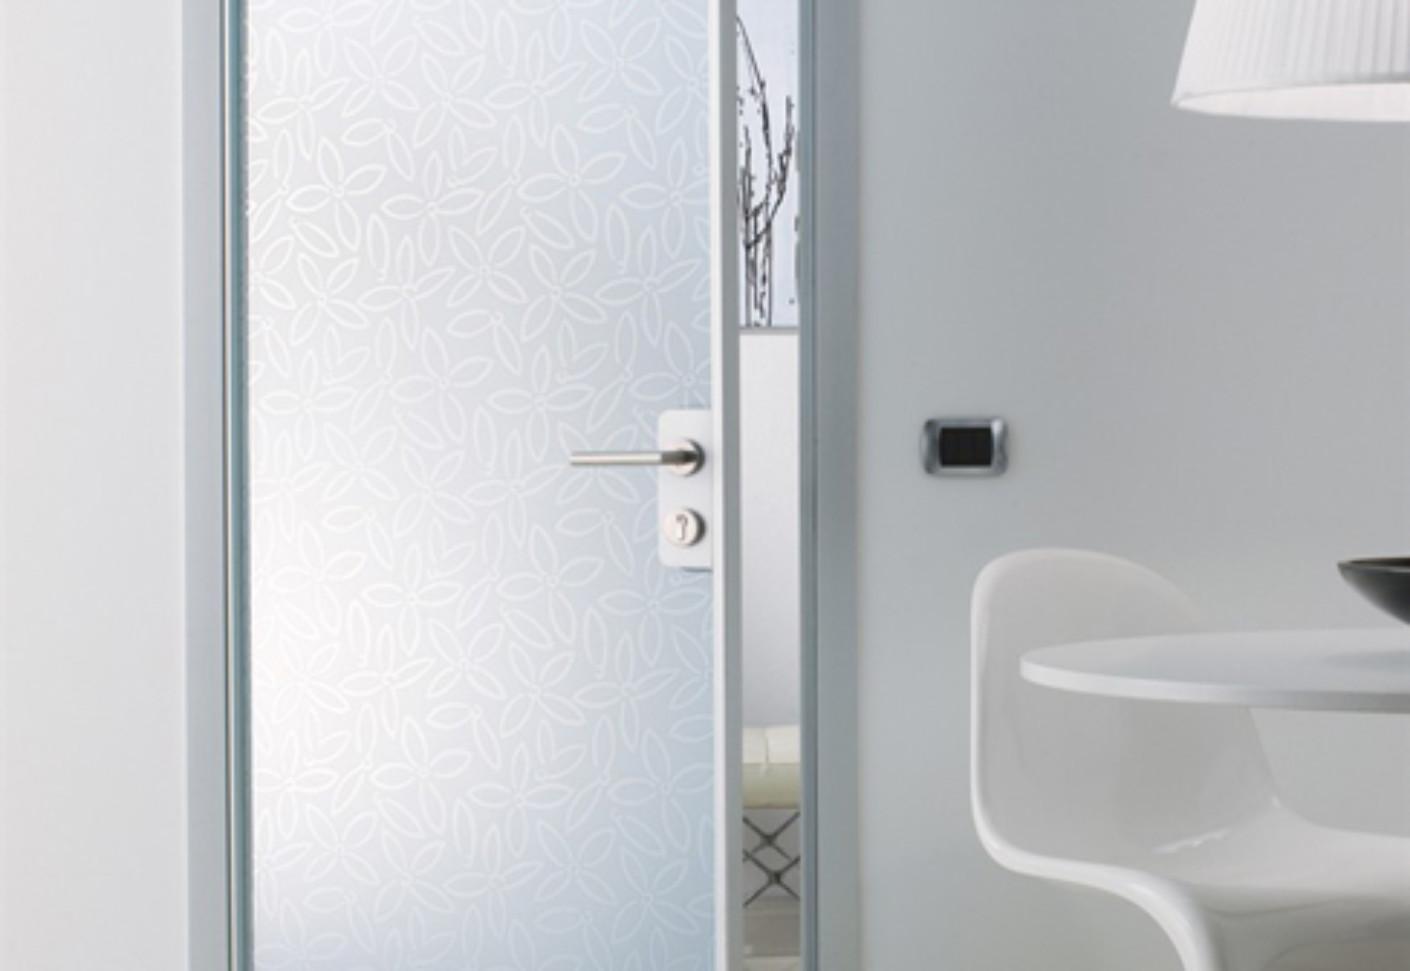 Madras per porte alluminio vetro von vitrealspecchi for Porte a porte finsbury park